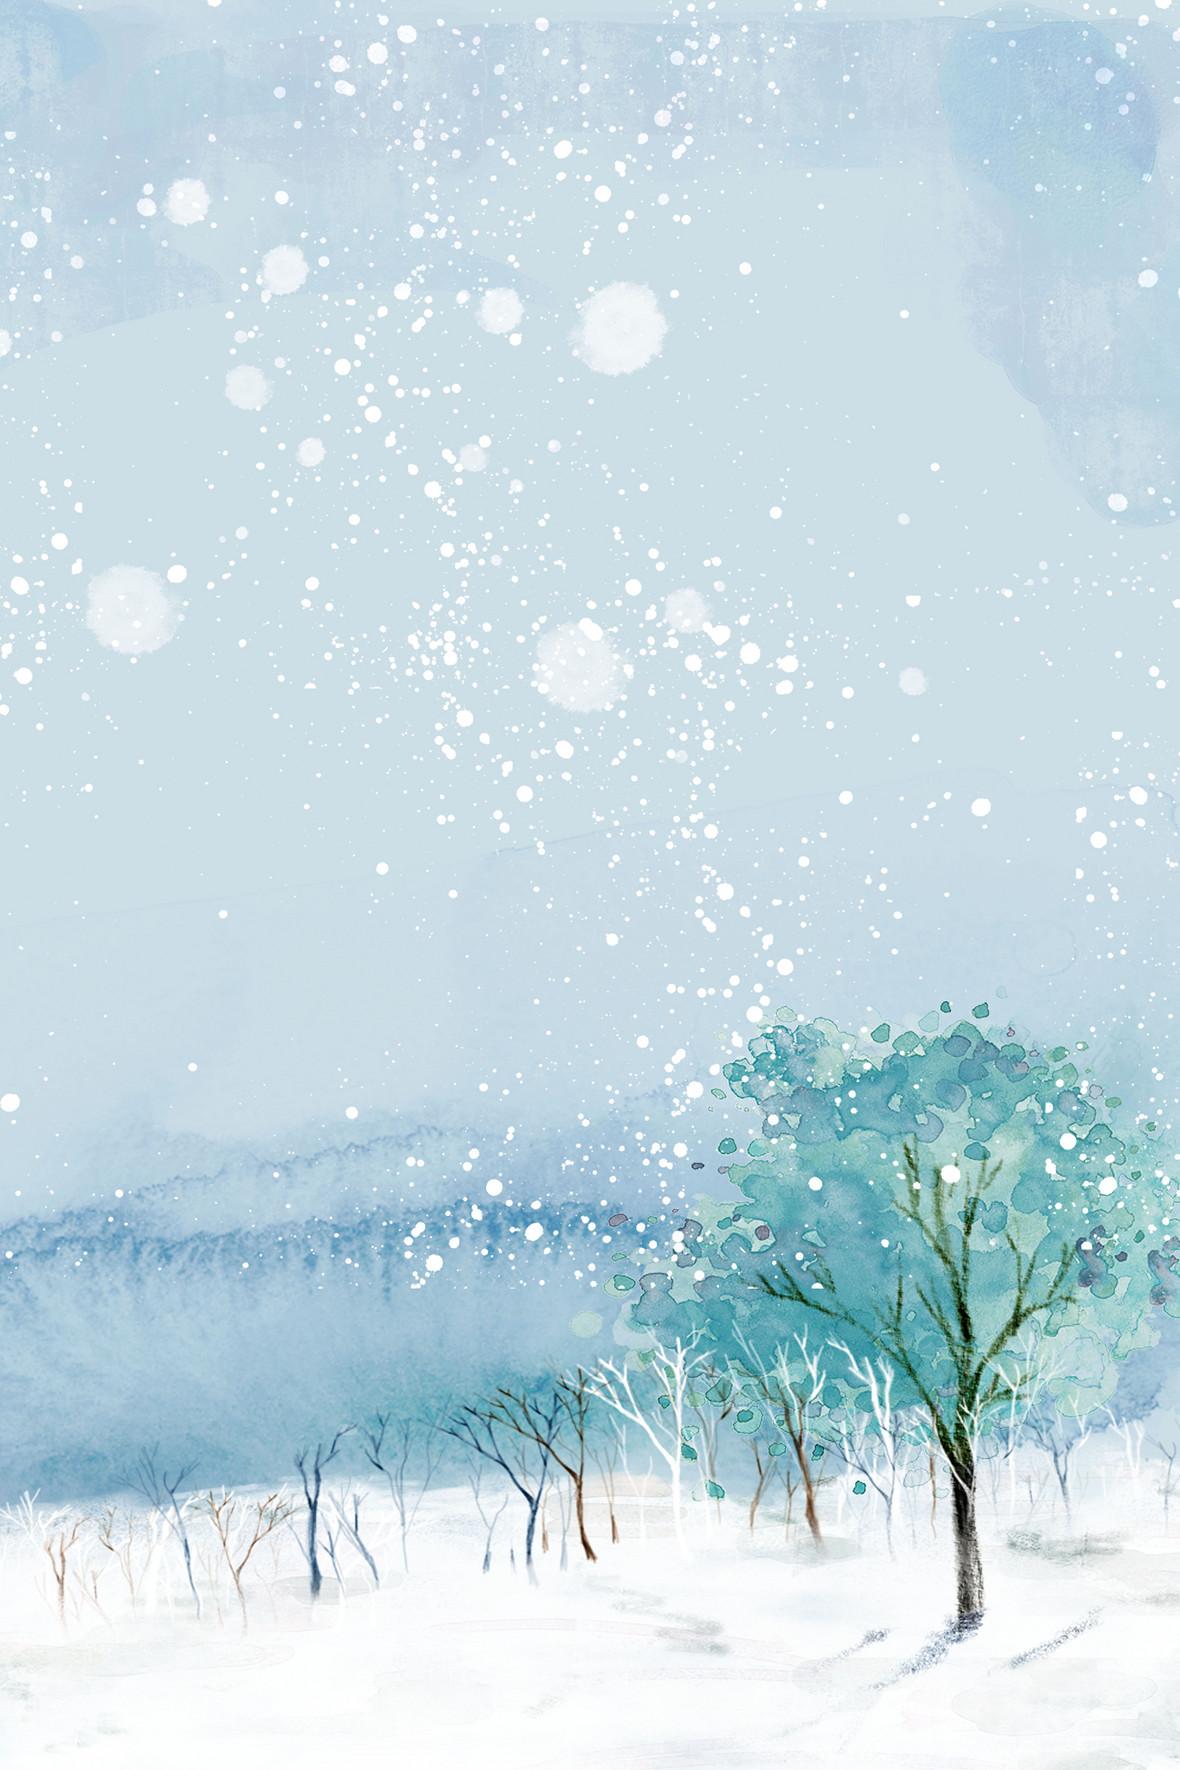 大雪山迷幻立冬节气宣传海报背景素材